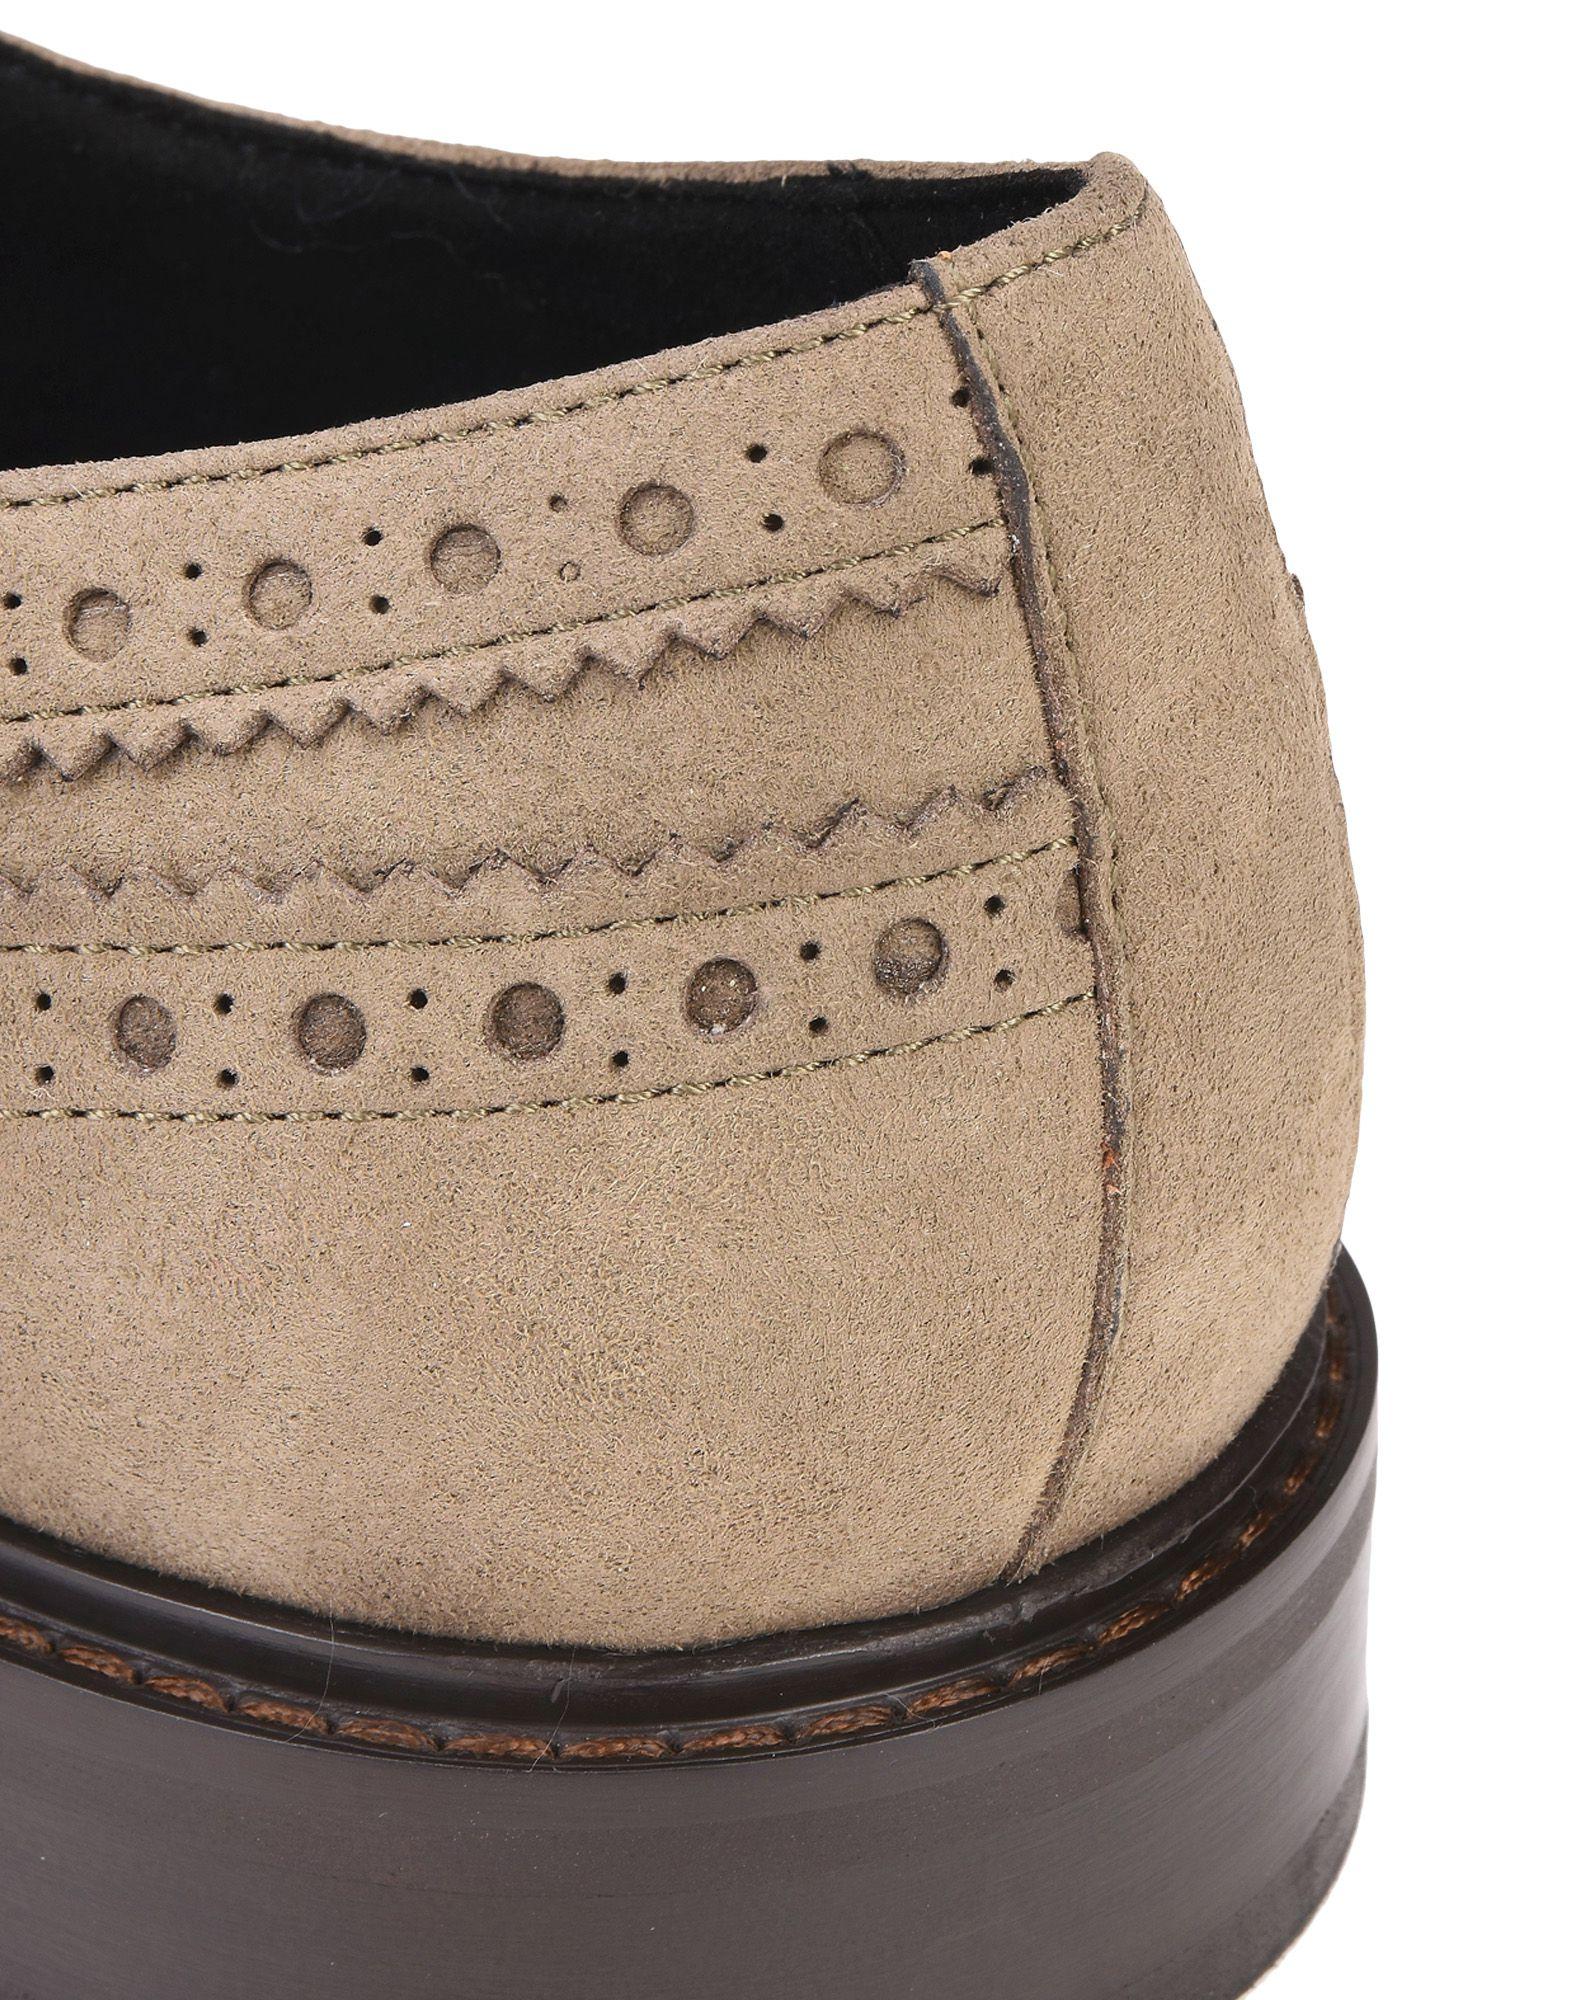 Brave Gentleman Schnürschuhe Herren  11400495CO Gute Qualität beliebte Schuhe